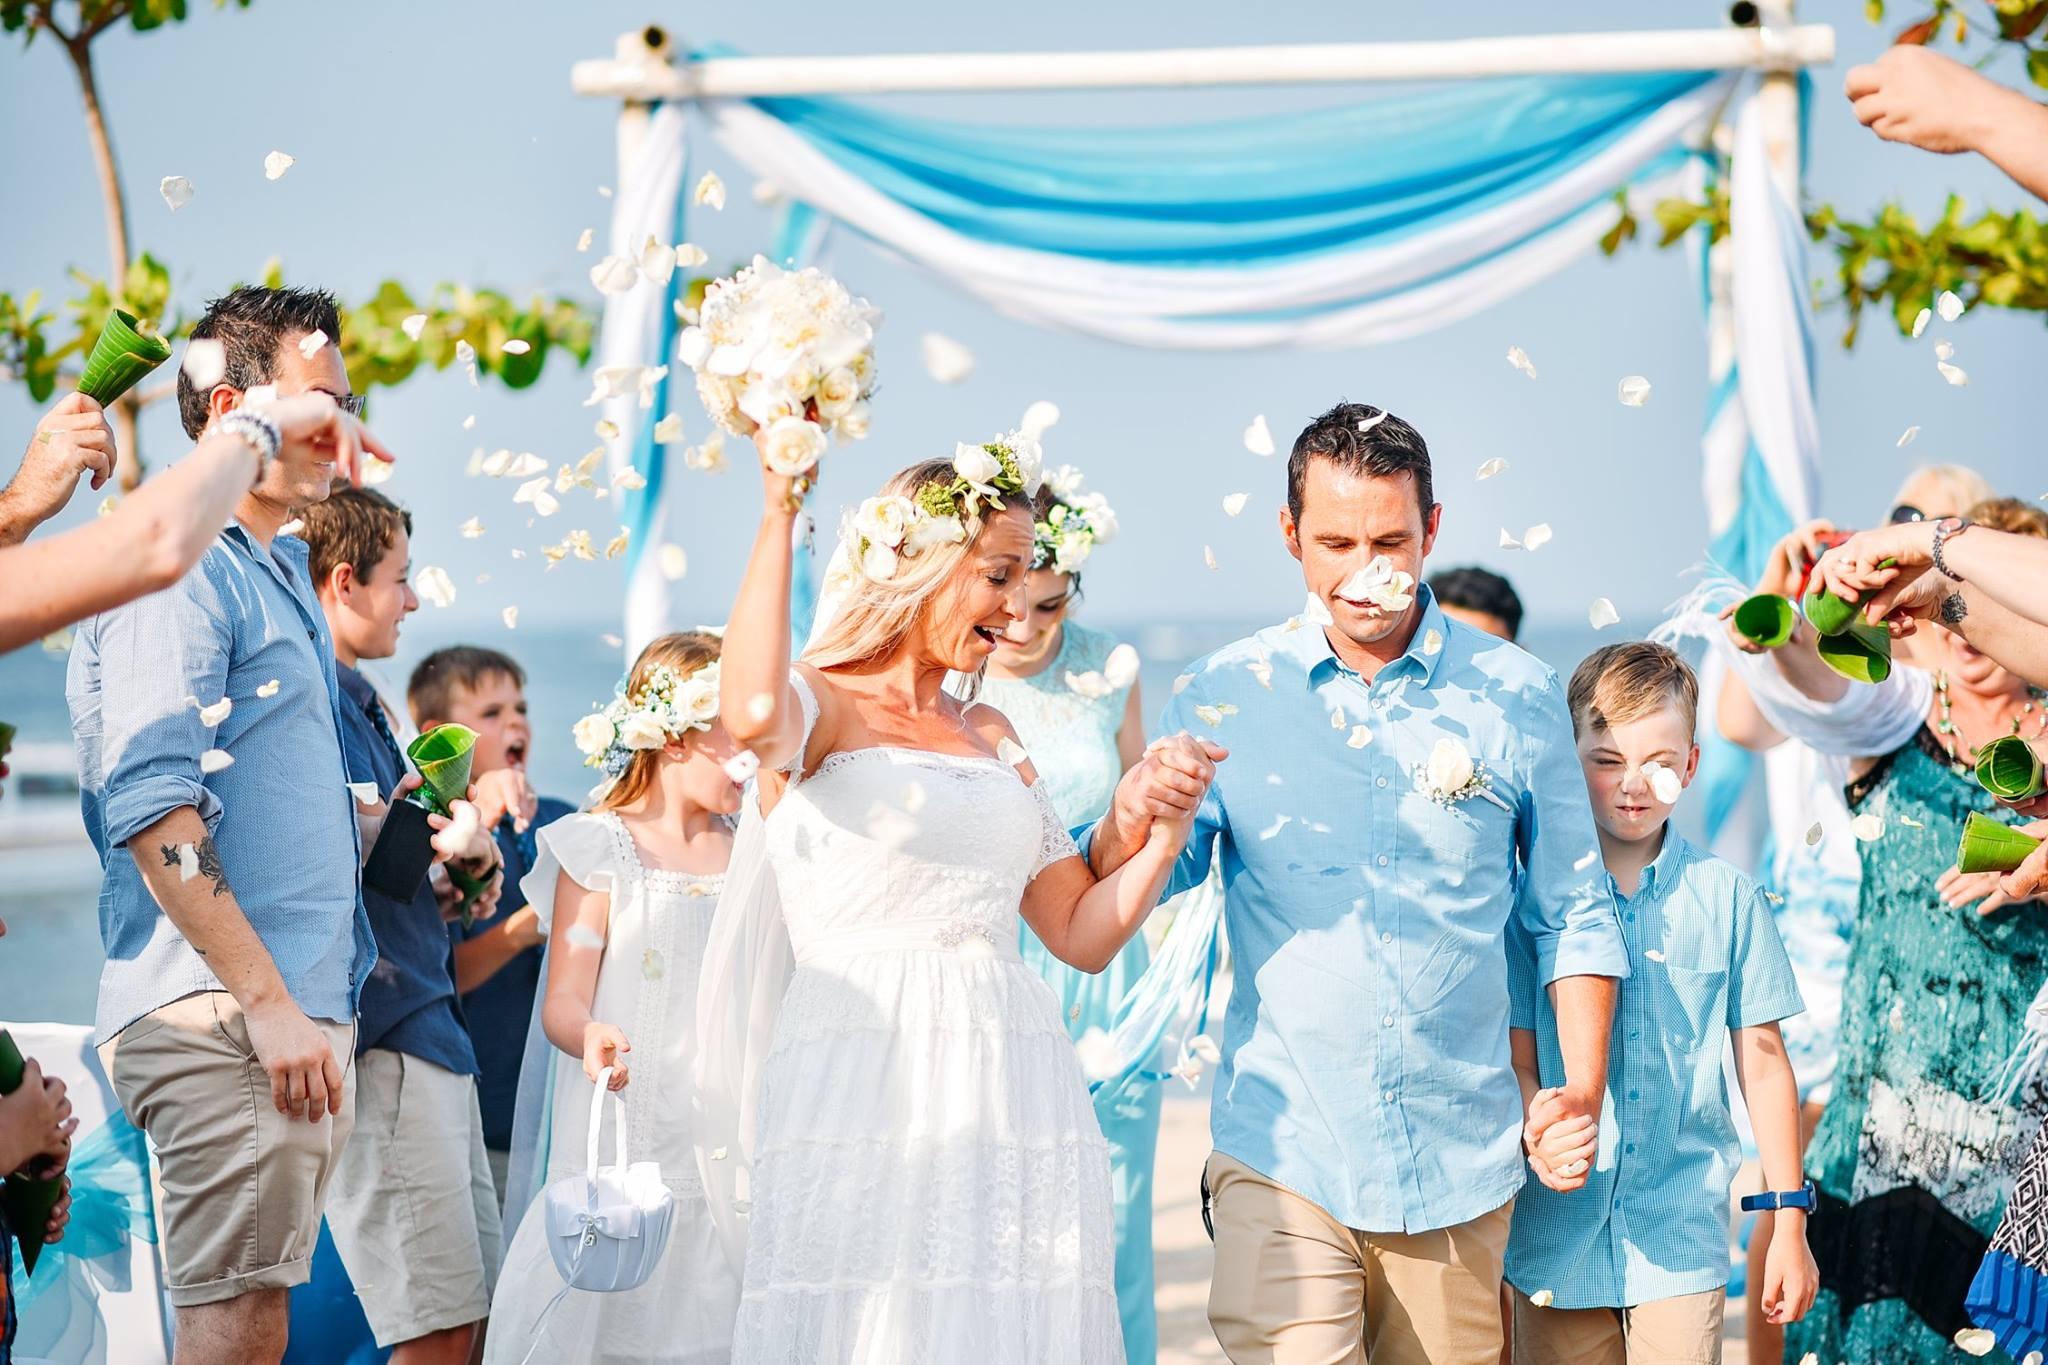 برگزاری عروسی رویایی